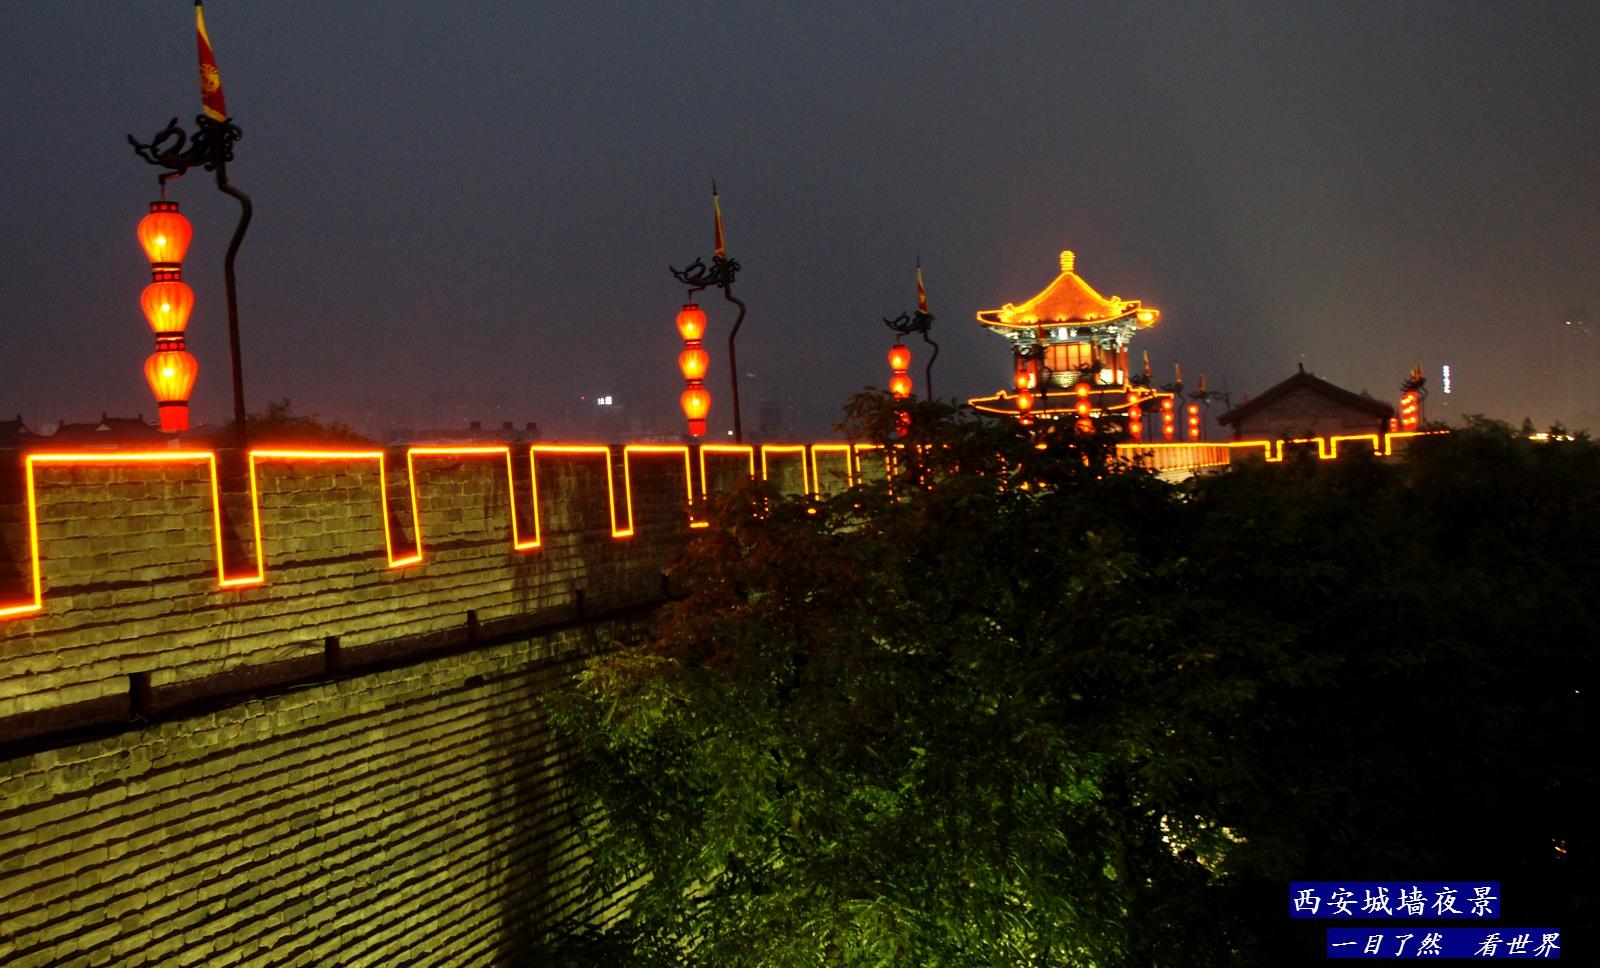 西安城墙夜景-09-1600.jpg